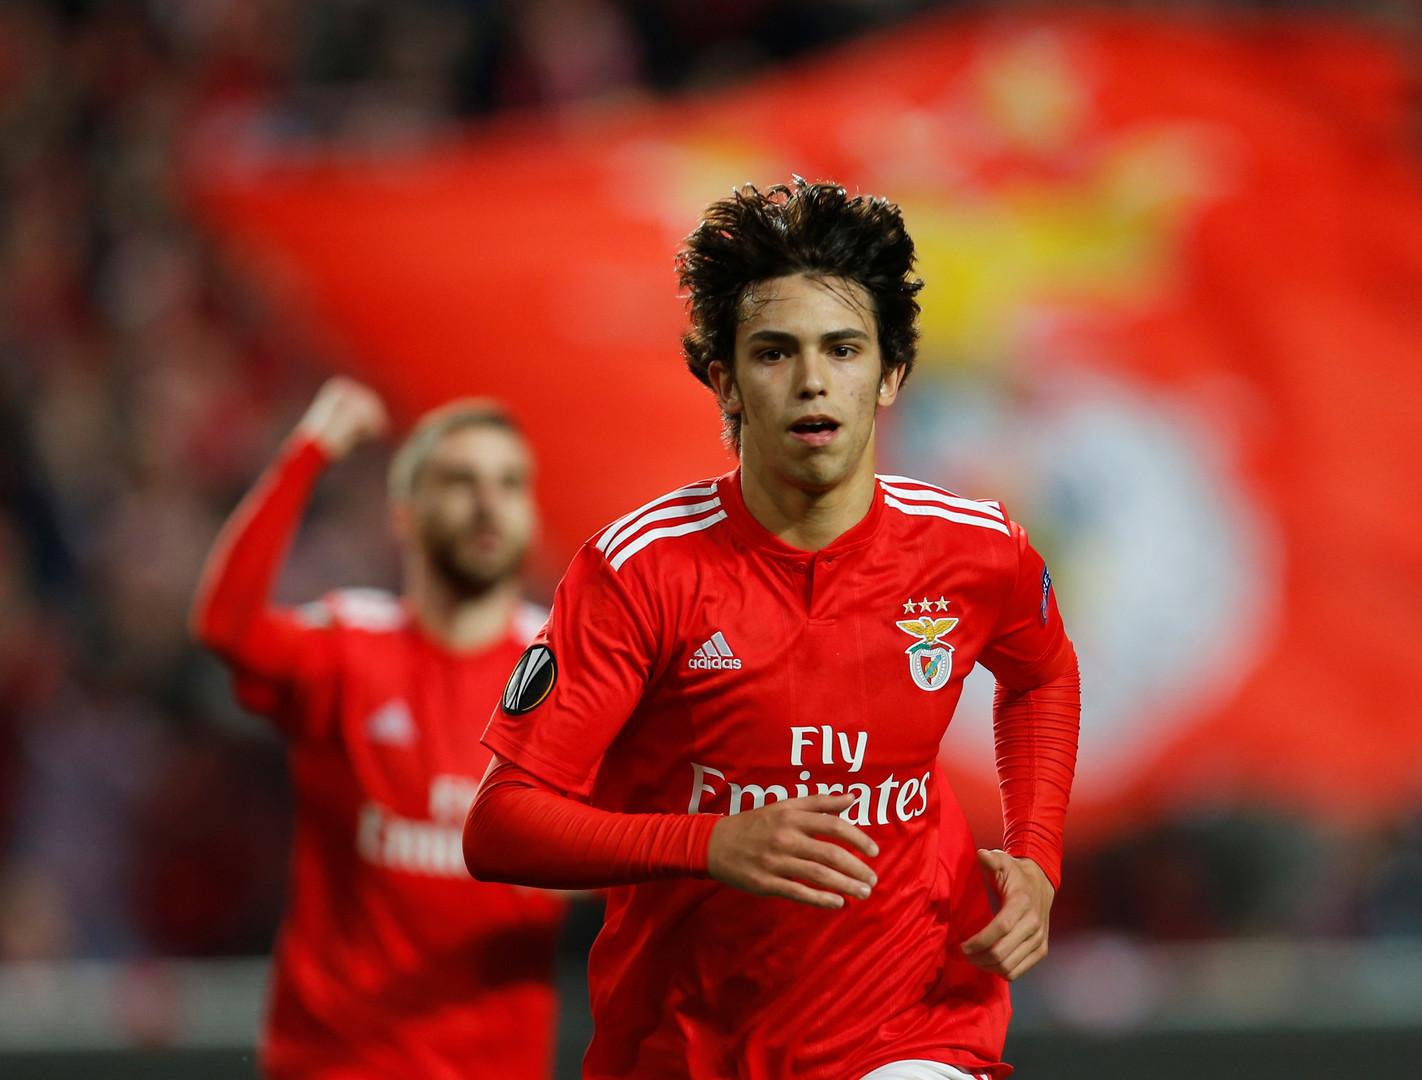 بسبب كلمتين طرد ينهي اللاعب البرتغالي جواو فيليكس مشاركته في ١٢ لقاء قادم